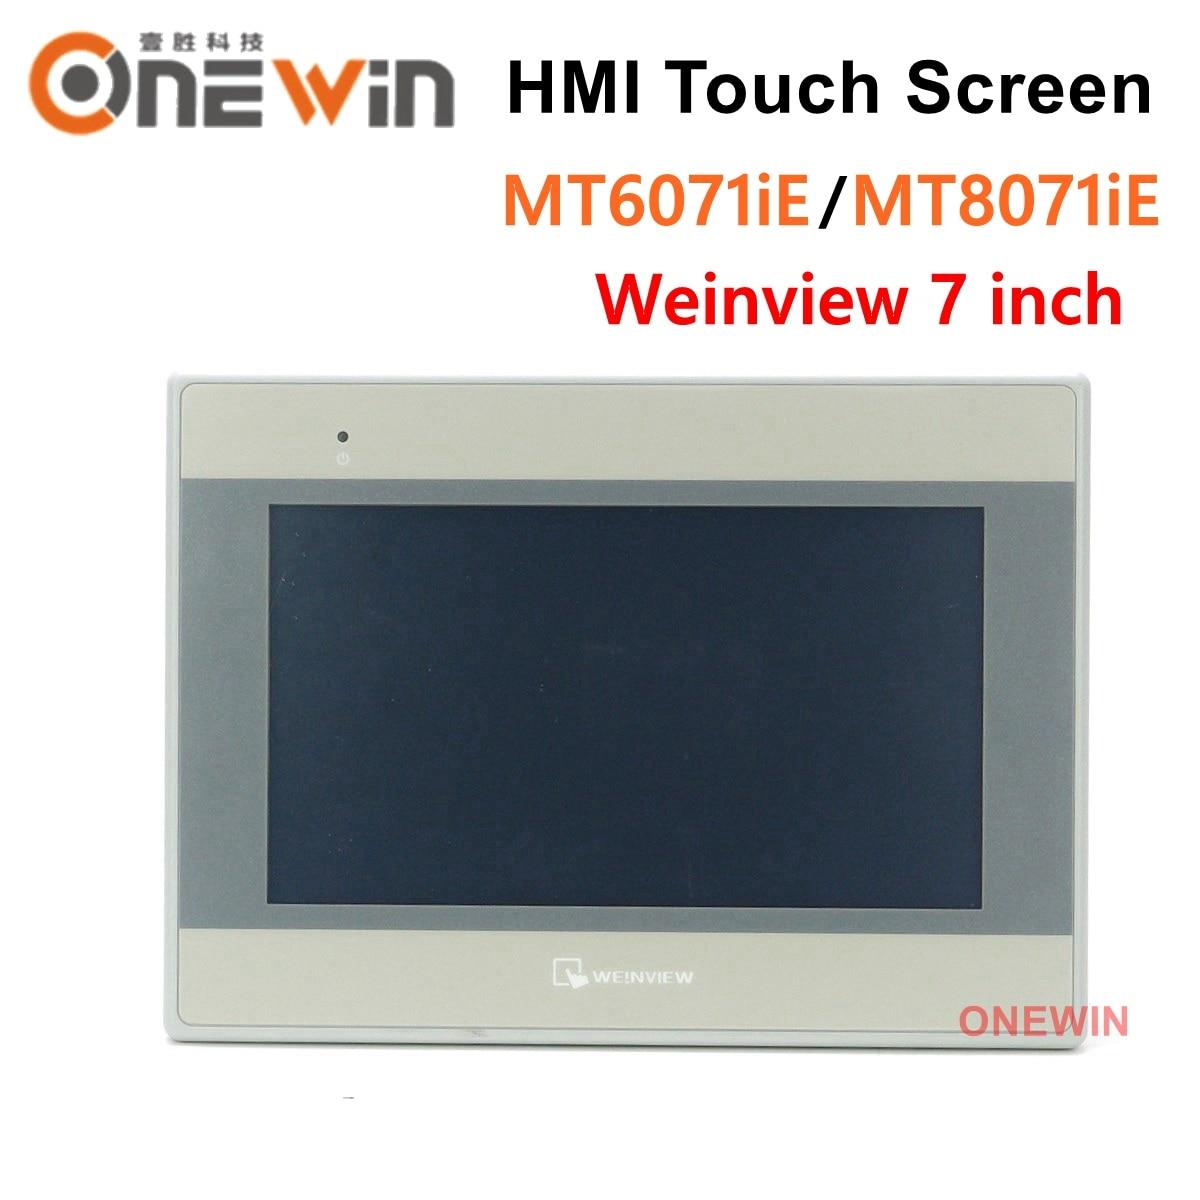 Weinview MT6071iE MT8071iE HMI شاشة تعمل باللمس 7 بوصة USB إيثرنت واجهة ما بين المستخدم والآلة استبدال MT6100I